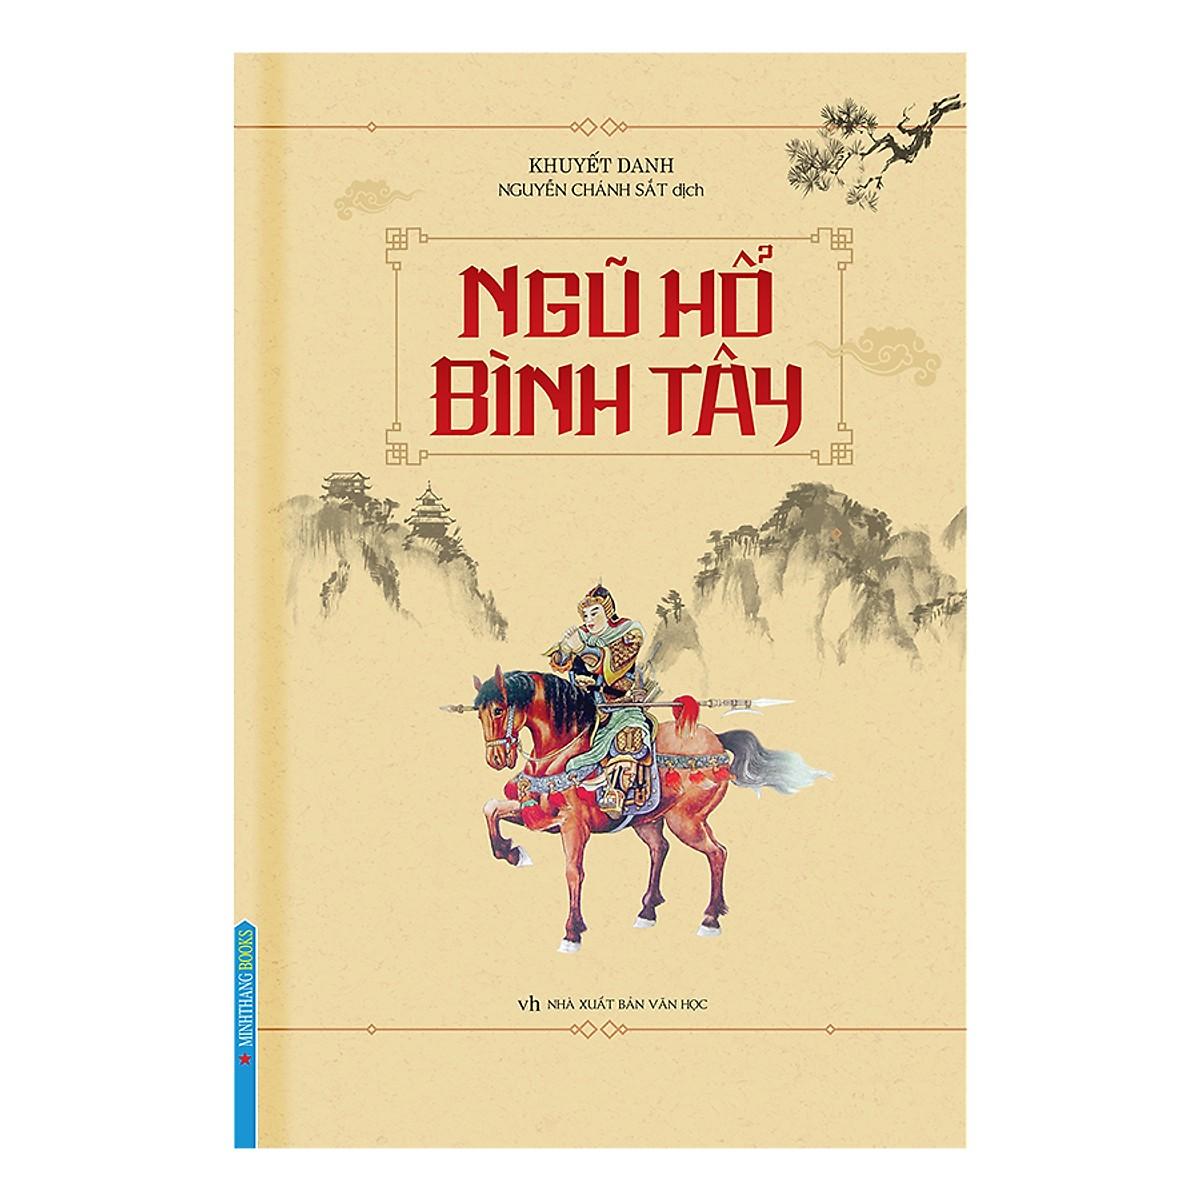 Tác Phẩm Văn Học Trung Hoa Kinh Điển: Ngũ Hổ Bình Tây (Bìa Cứng)